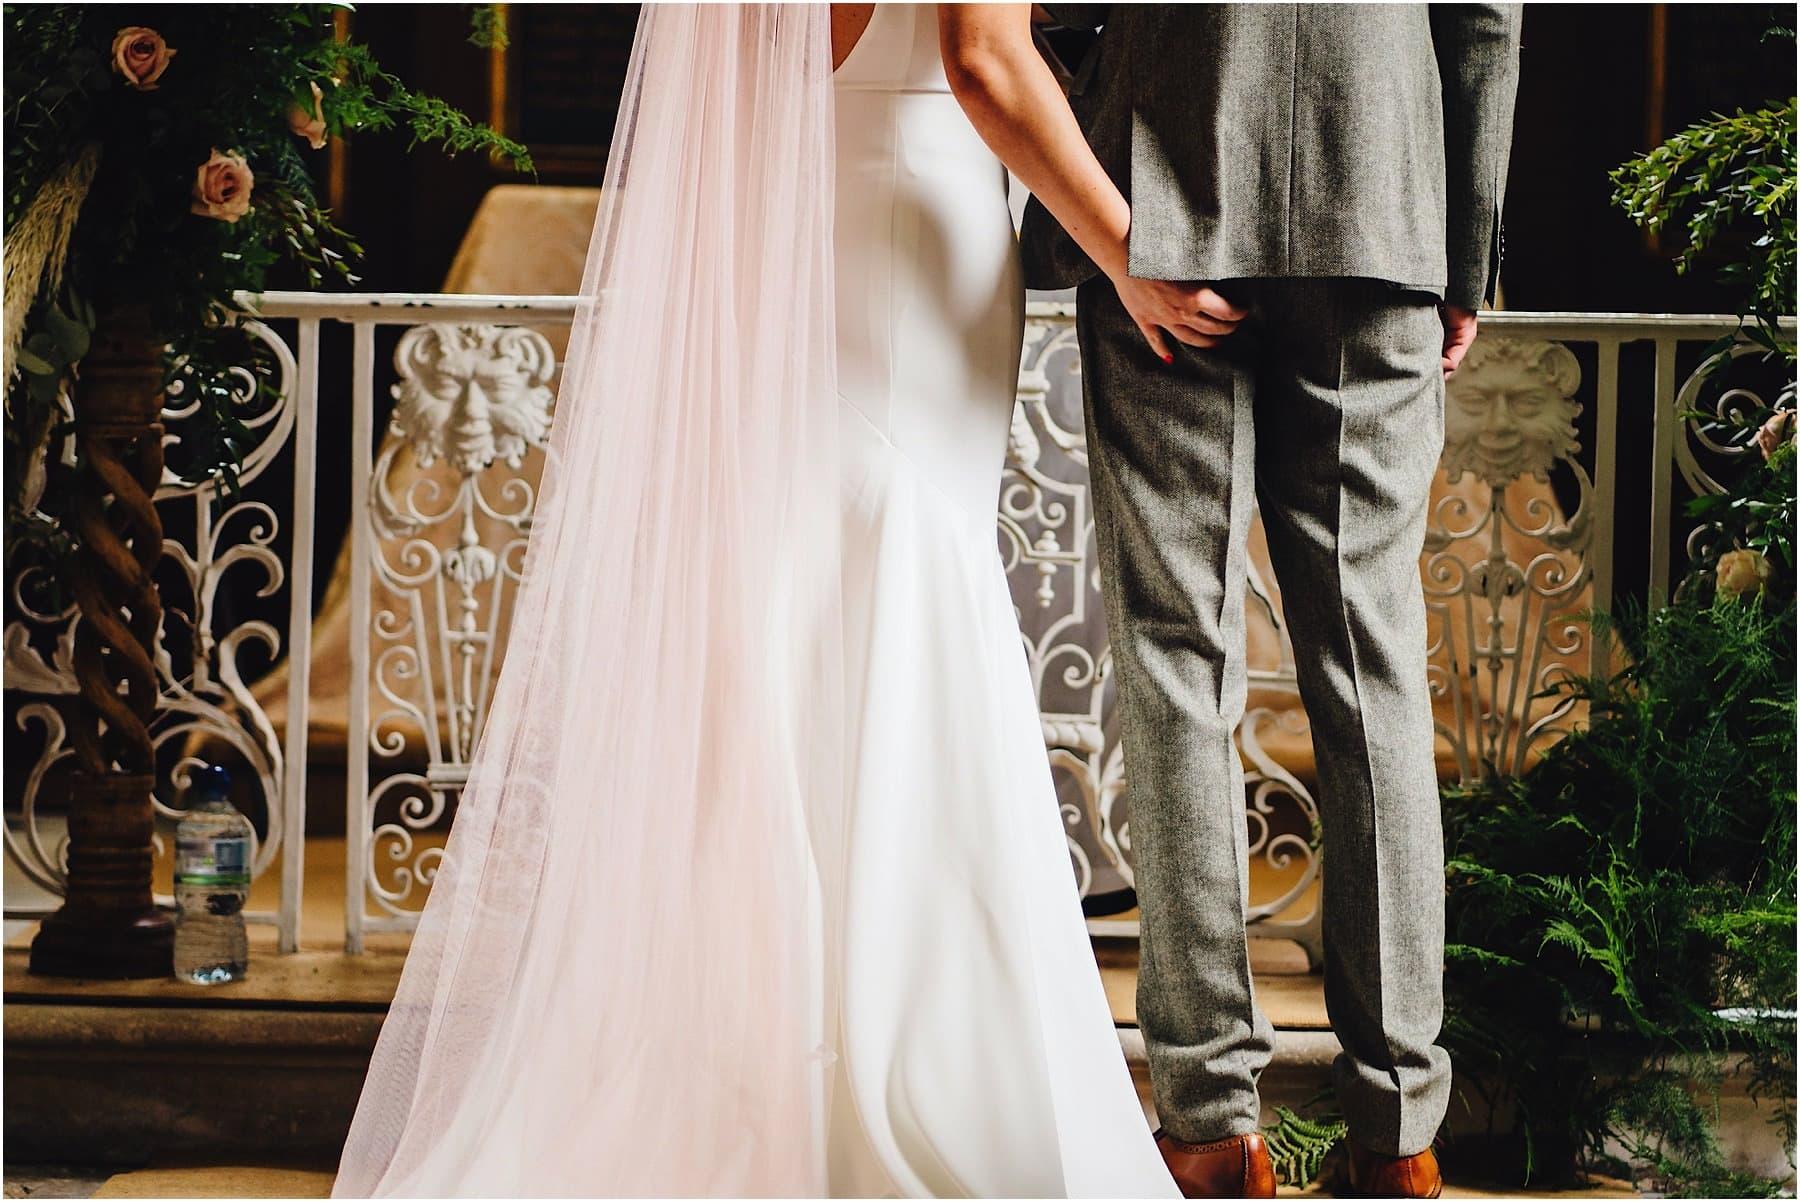 bride grabbing groom